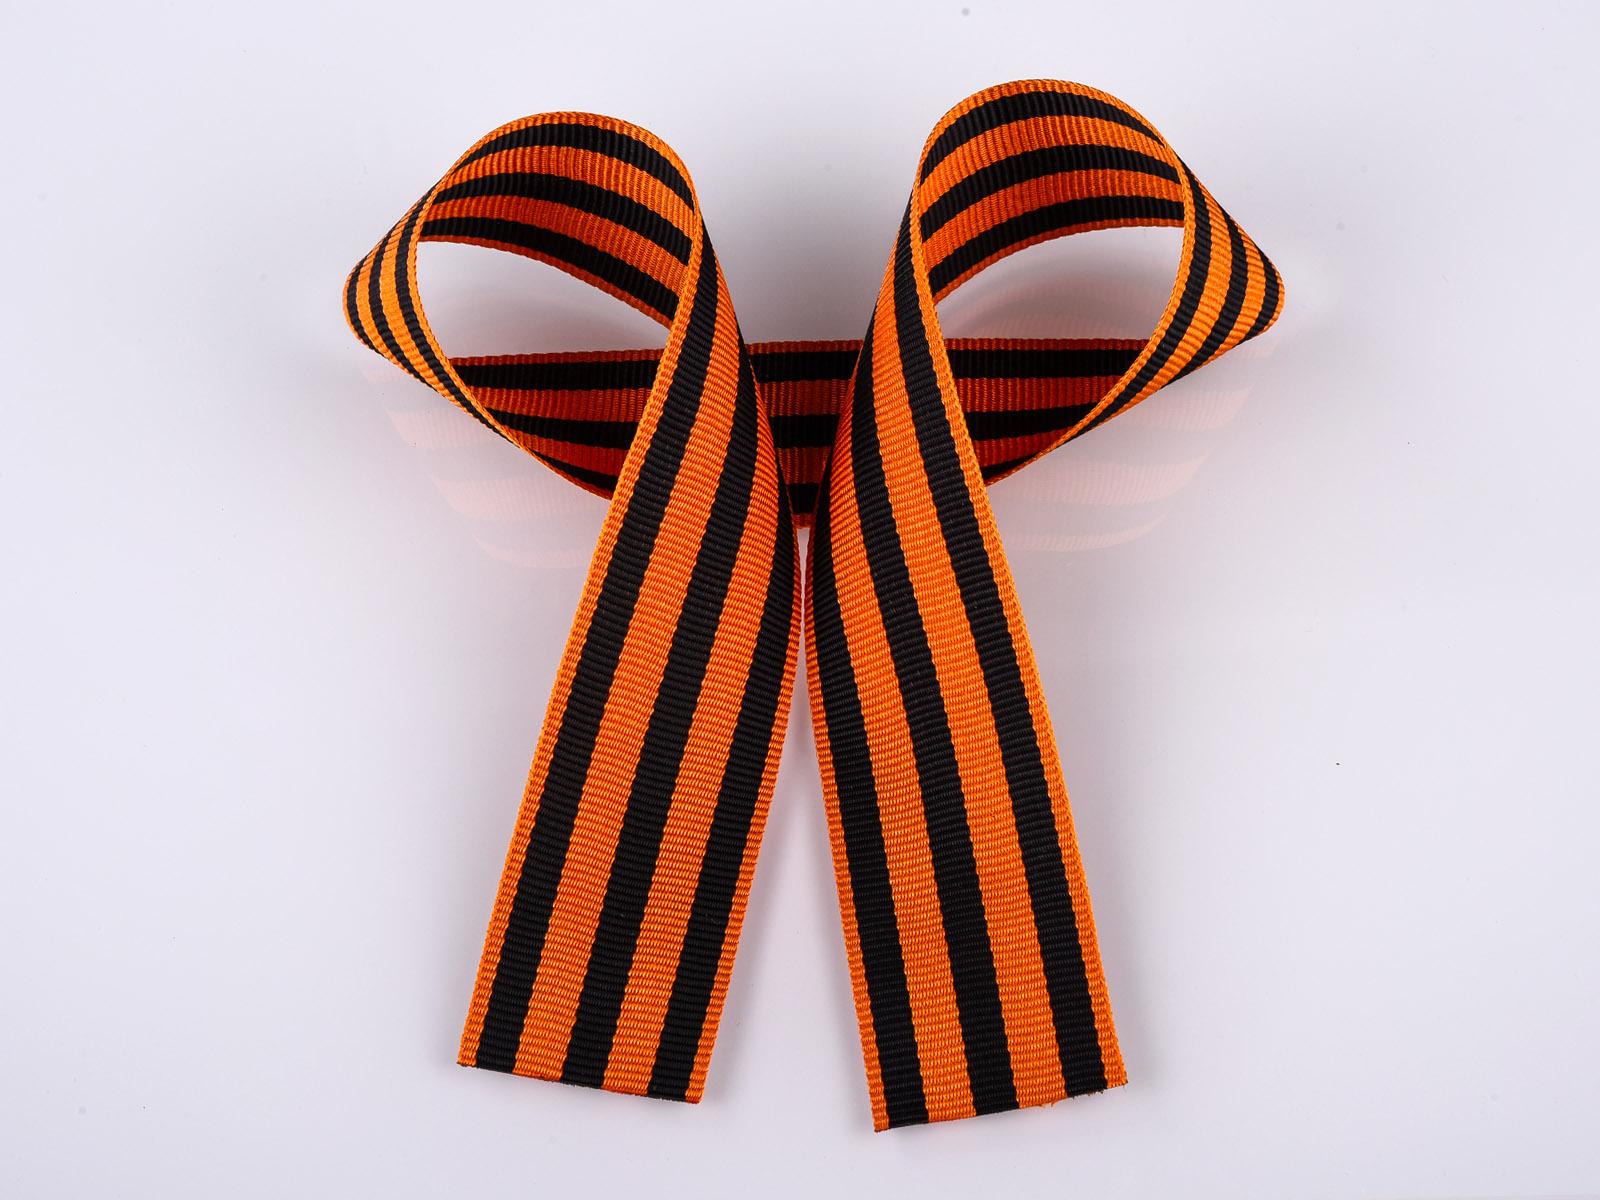 Георгиевская лента - символ Победы (2,5 х 50 см)